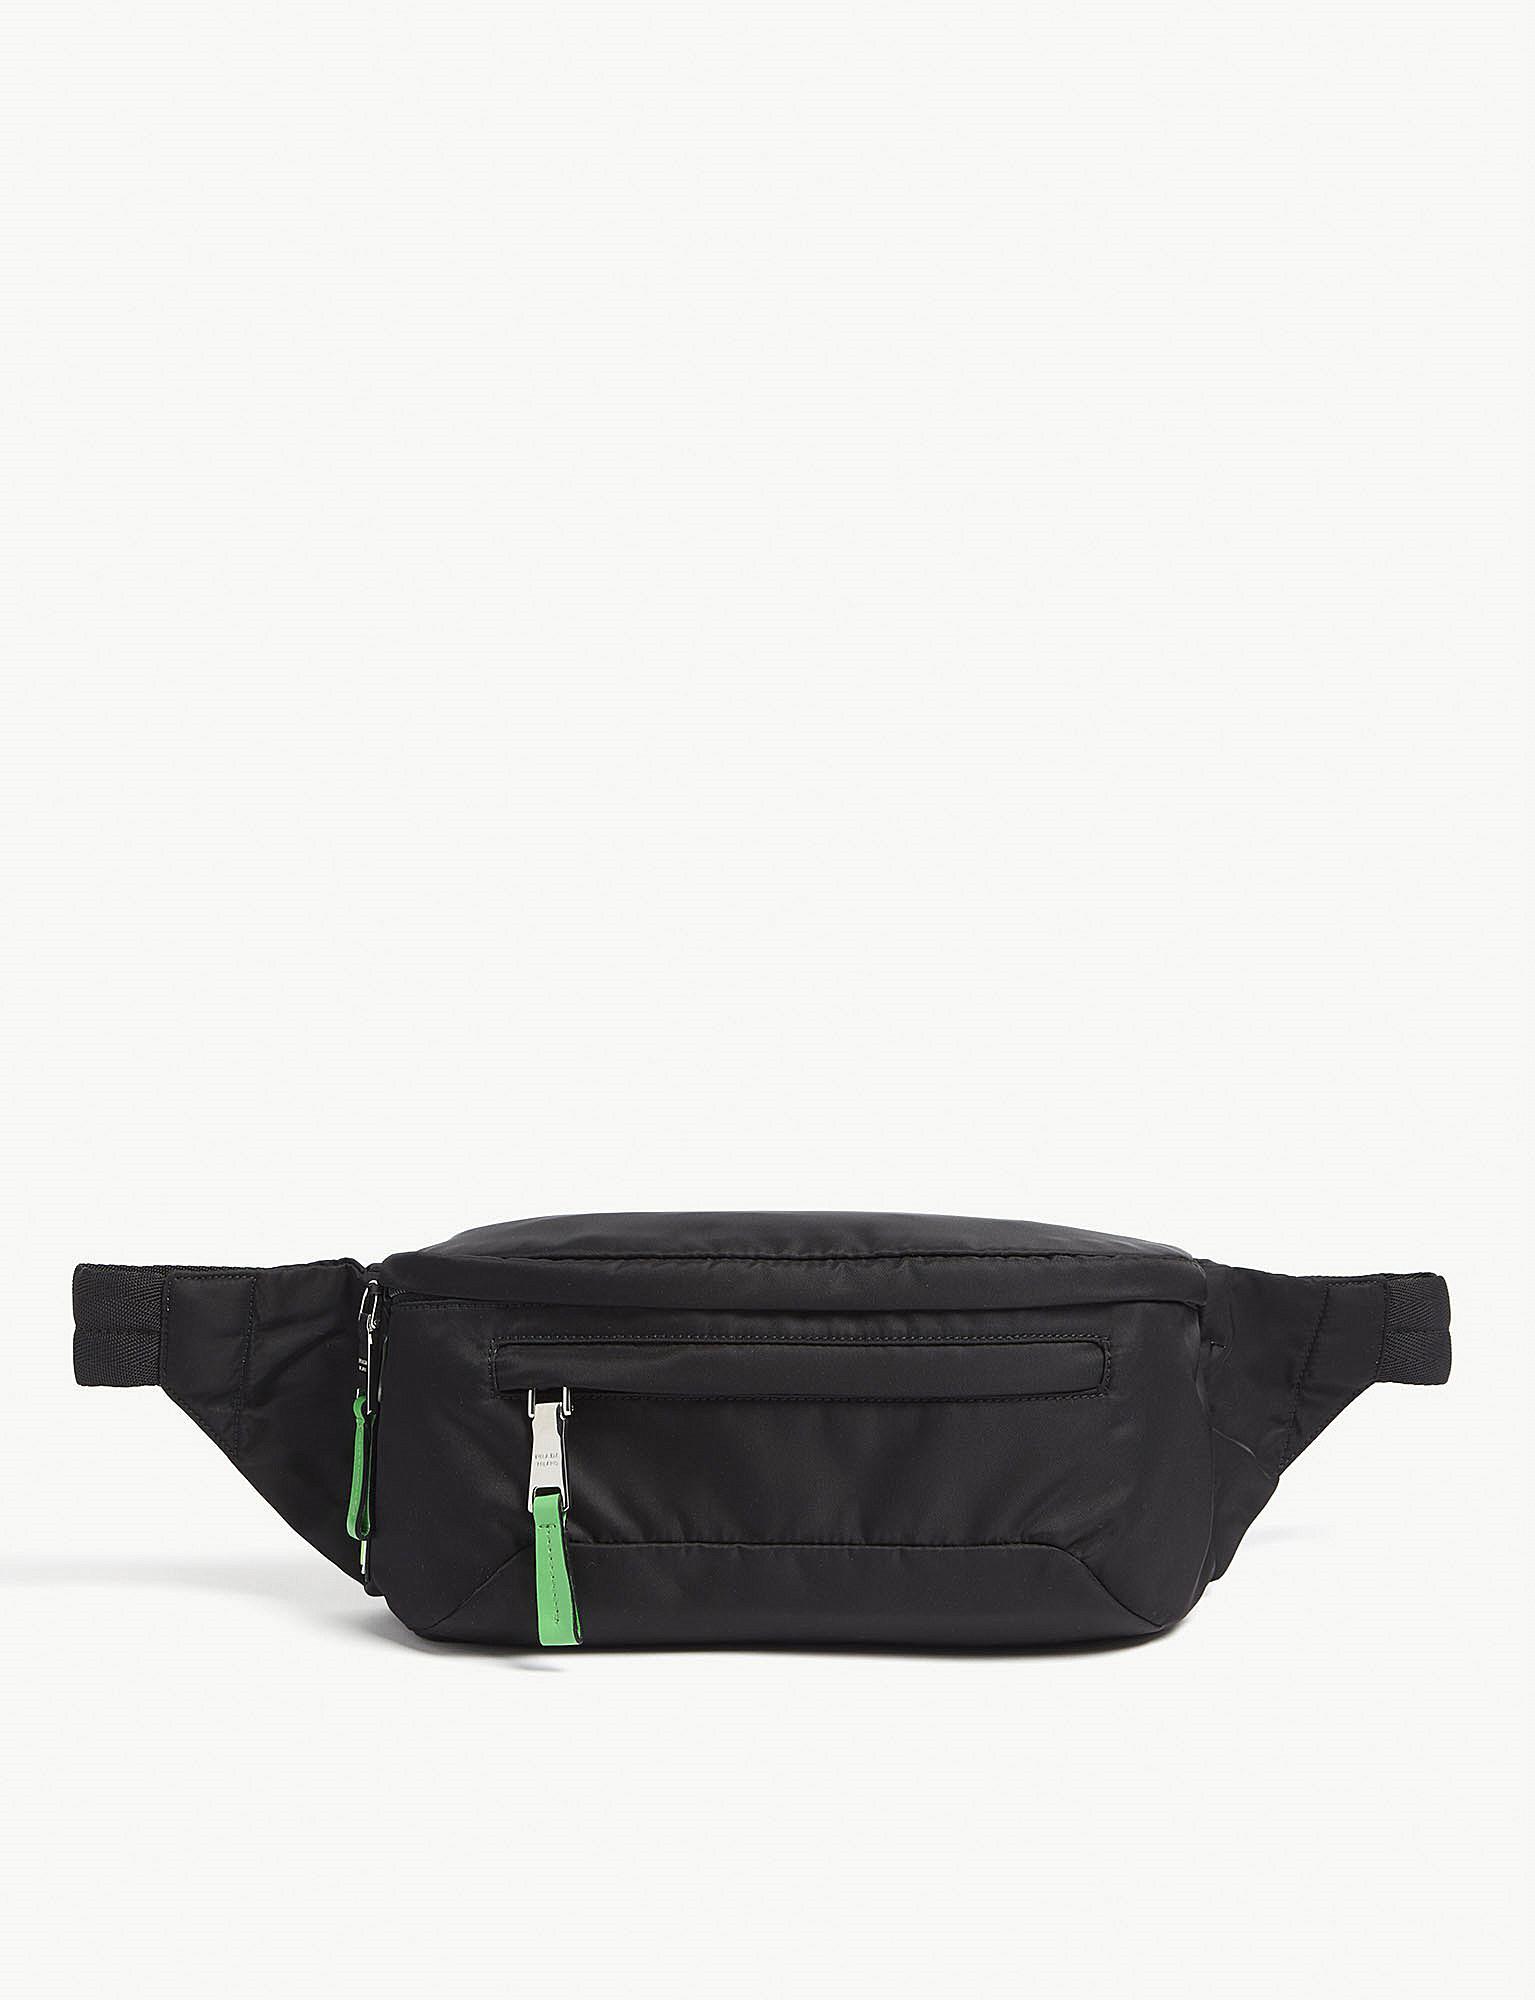 b23e762badba Prada Fluorescent Logo Nylon Belt Bag in Black for Men - Lyst